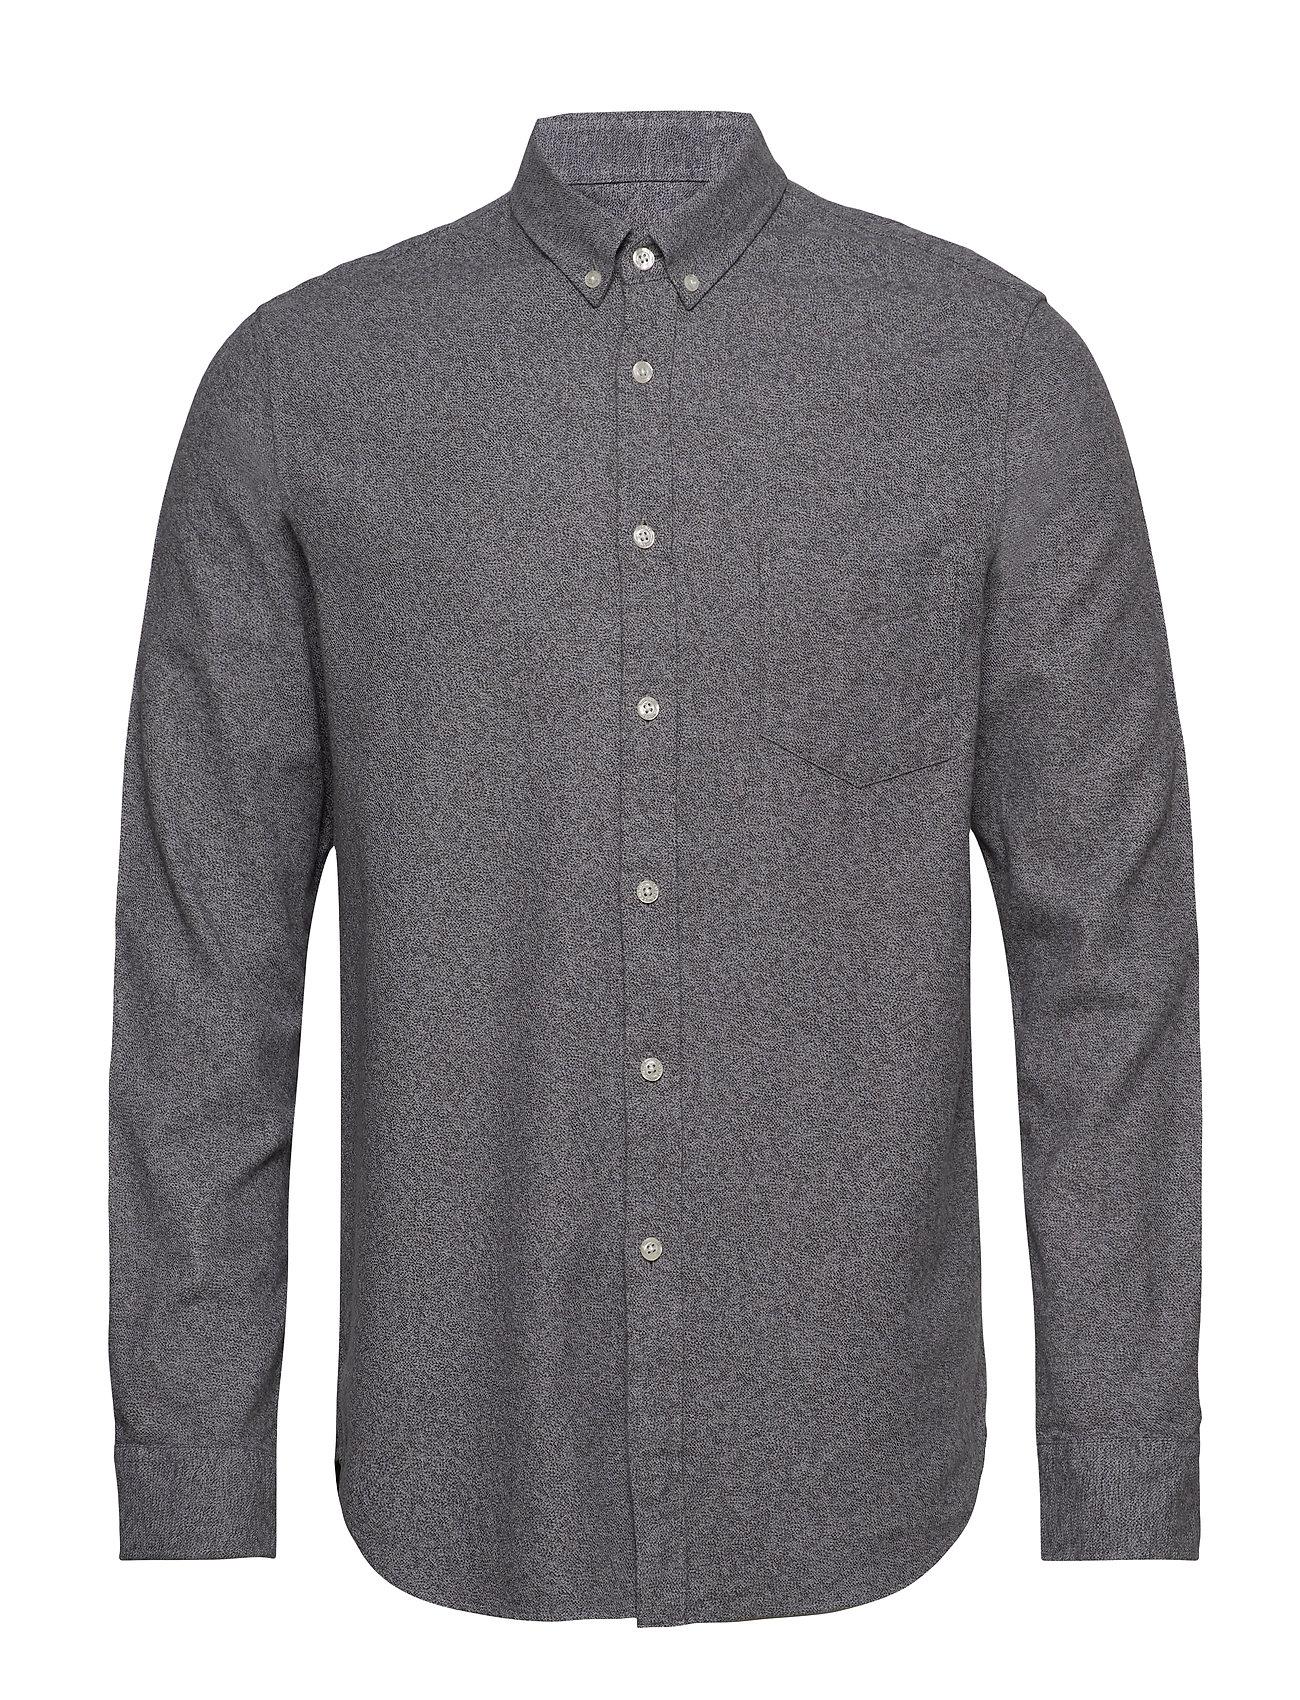 Samsøe & Samsøe Liam BA shirt 11245 - GREY MEL.